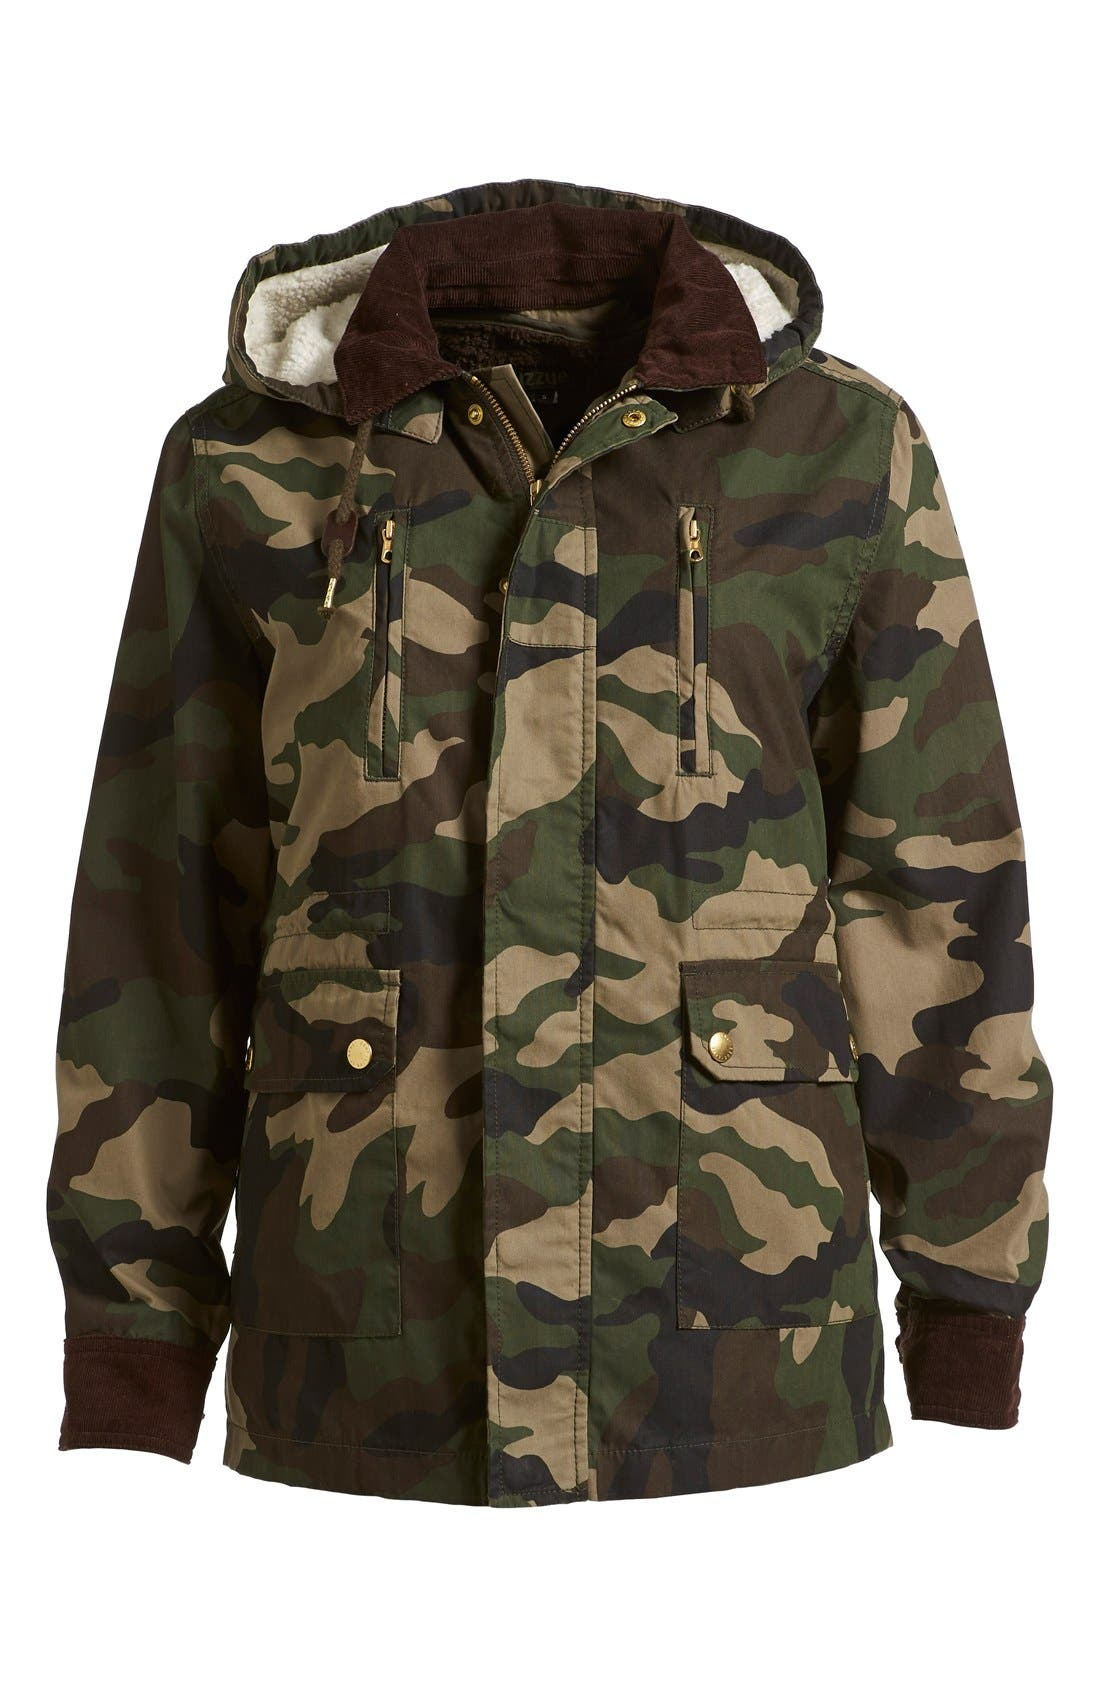 Main Image - izzue Hooded Camouflage Jacket (Women)